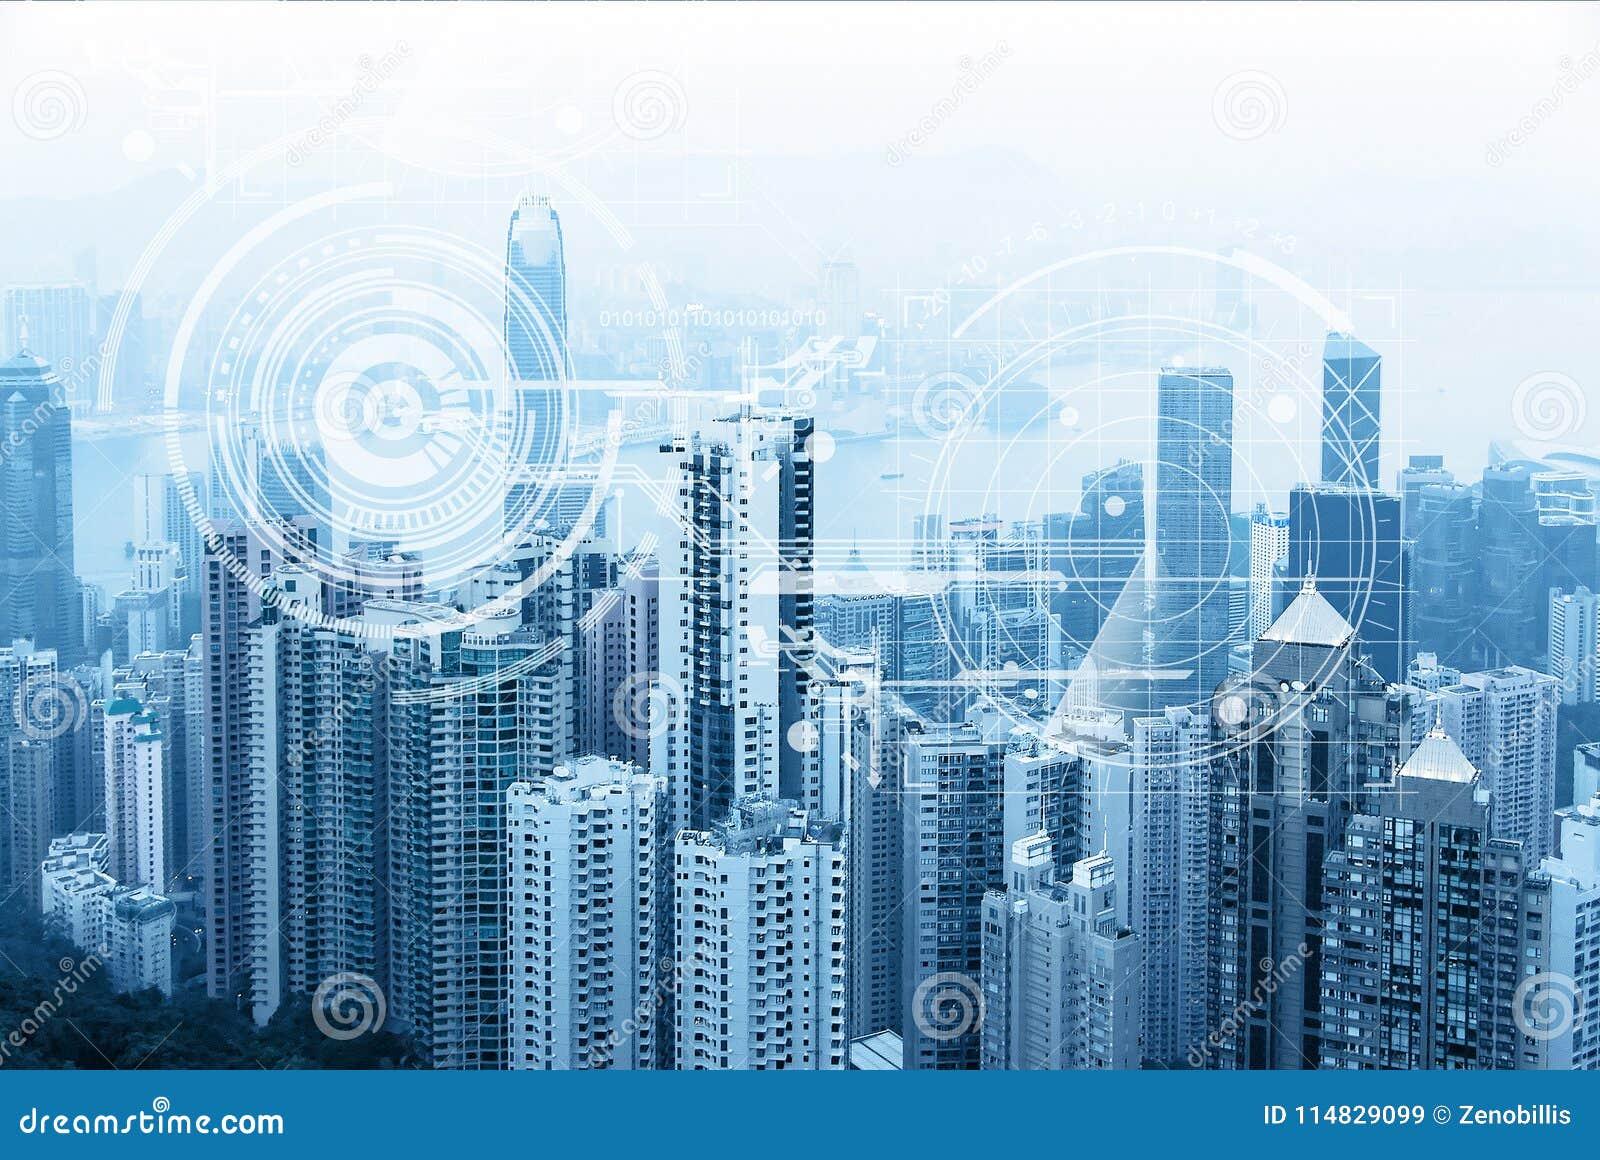 Skyline urbana moderna Comunicações globais e trabalhos em rede Cyberspace na cidade grande Mercado de valores de acção Comércio